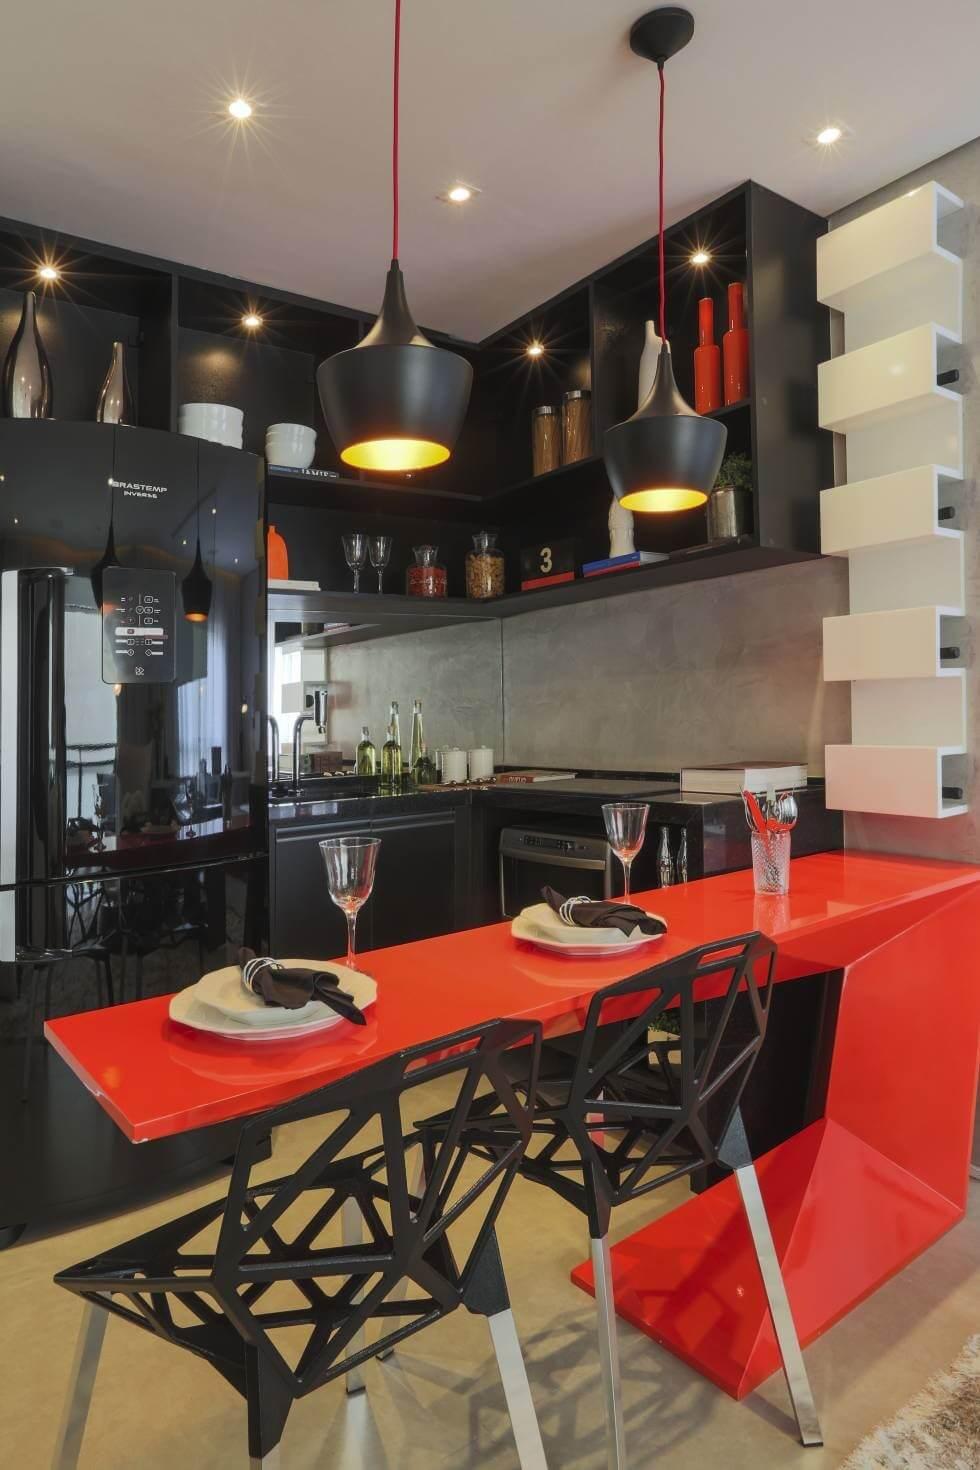 Cozinhas coloridas 8